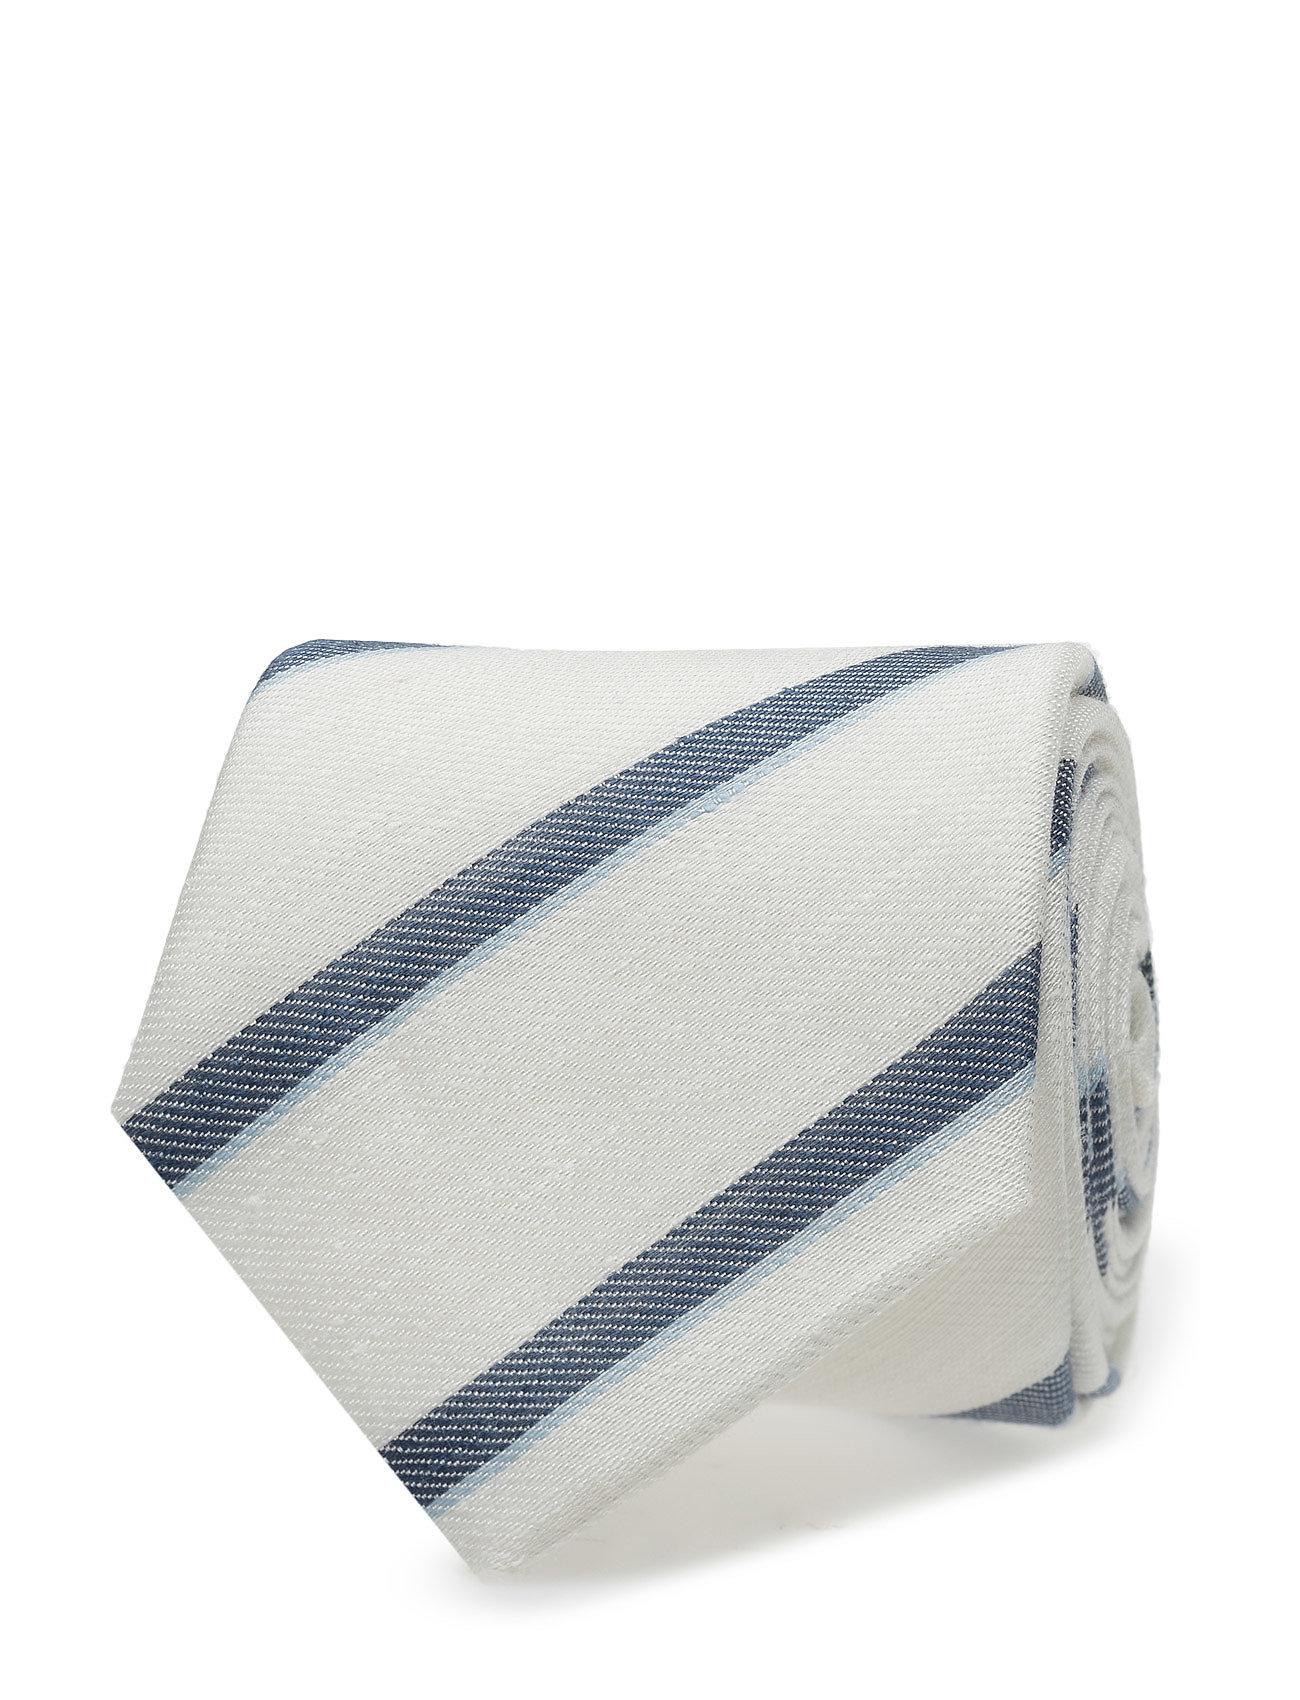 G3. DÉLavÉ Regimental Stripe Tie GANT Accessories til Mænd i